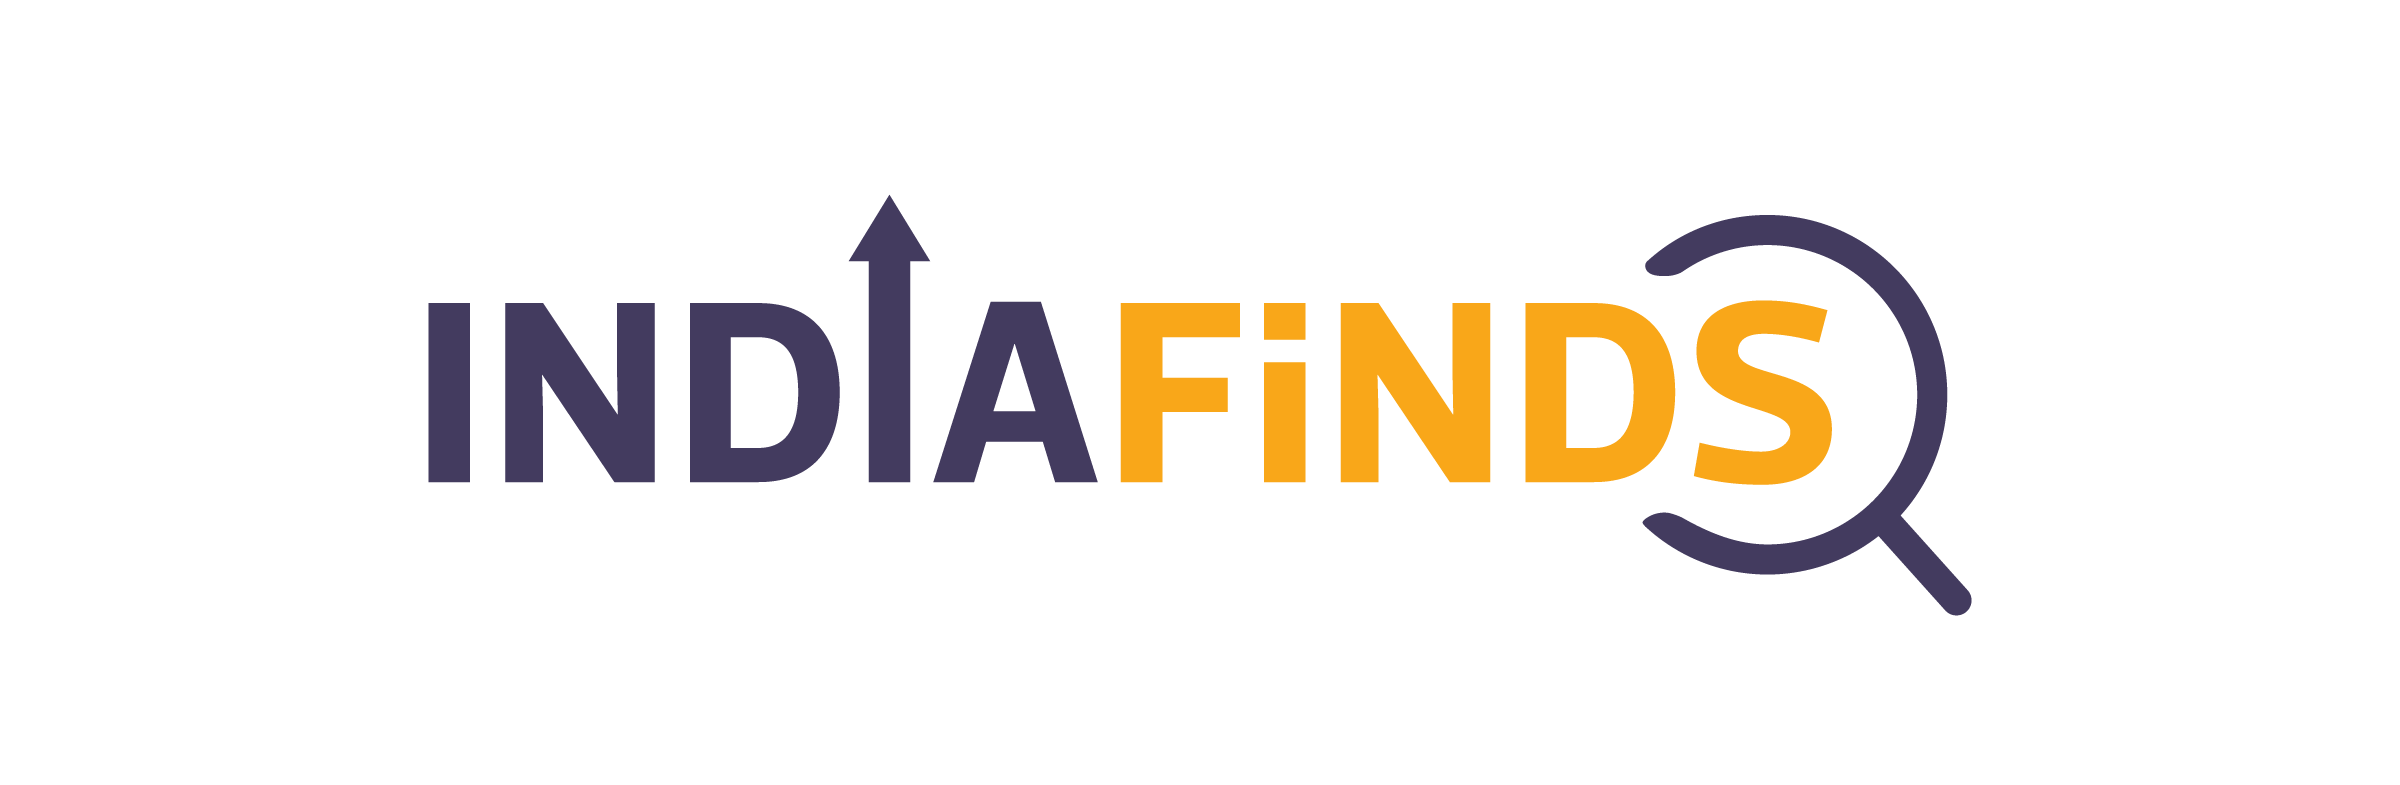 Indiafinds-logo